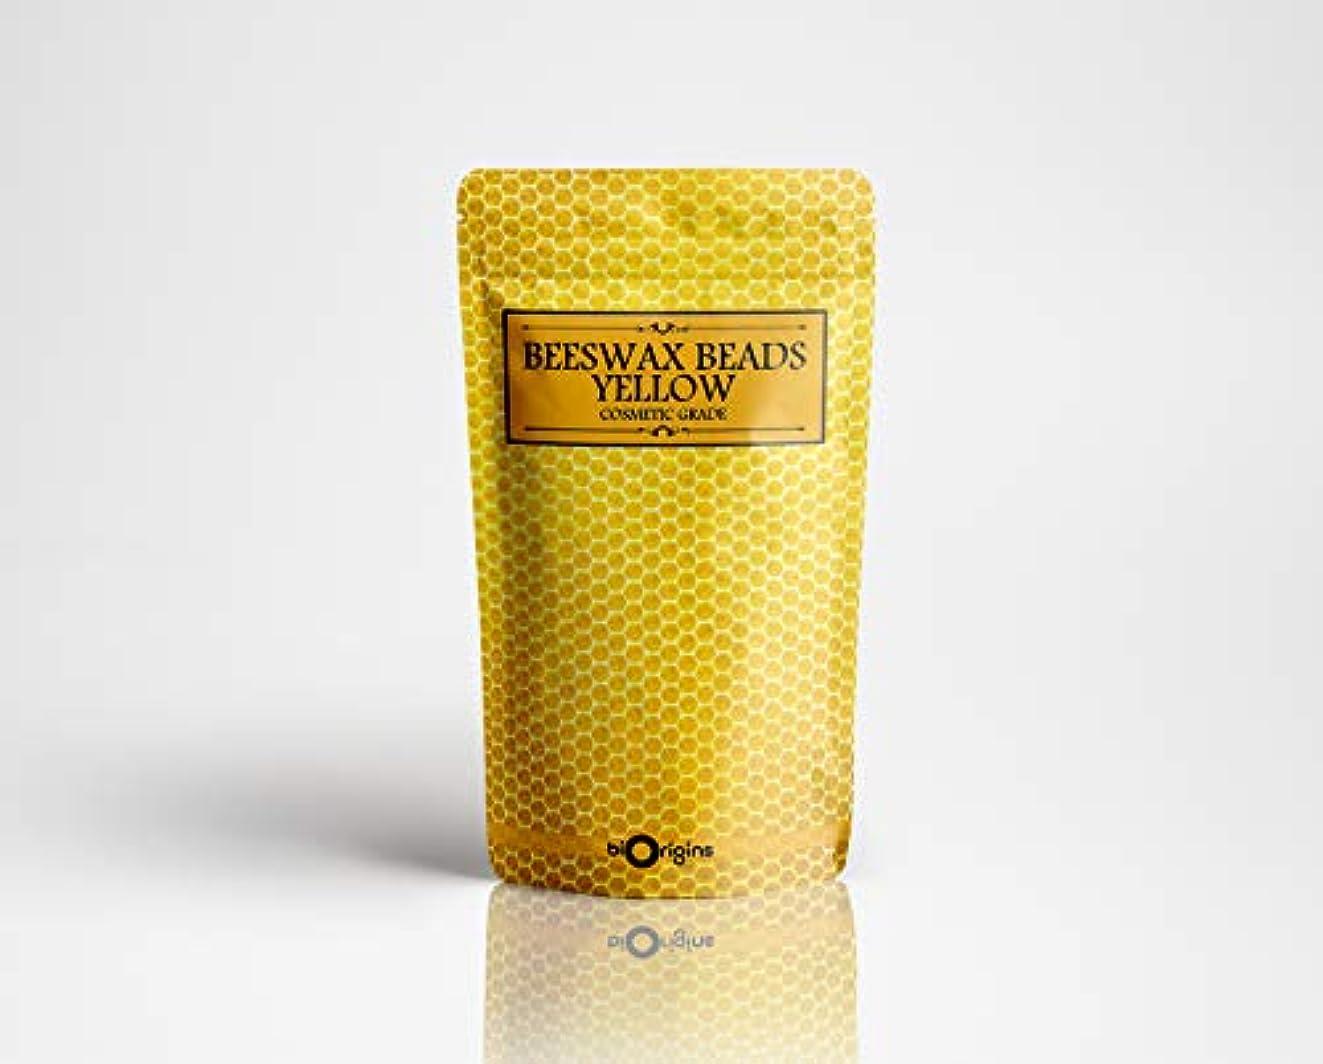 リアル奴隷詳細なBeeswax Beads Yellow - Cosmetic Grade - 100g